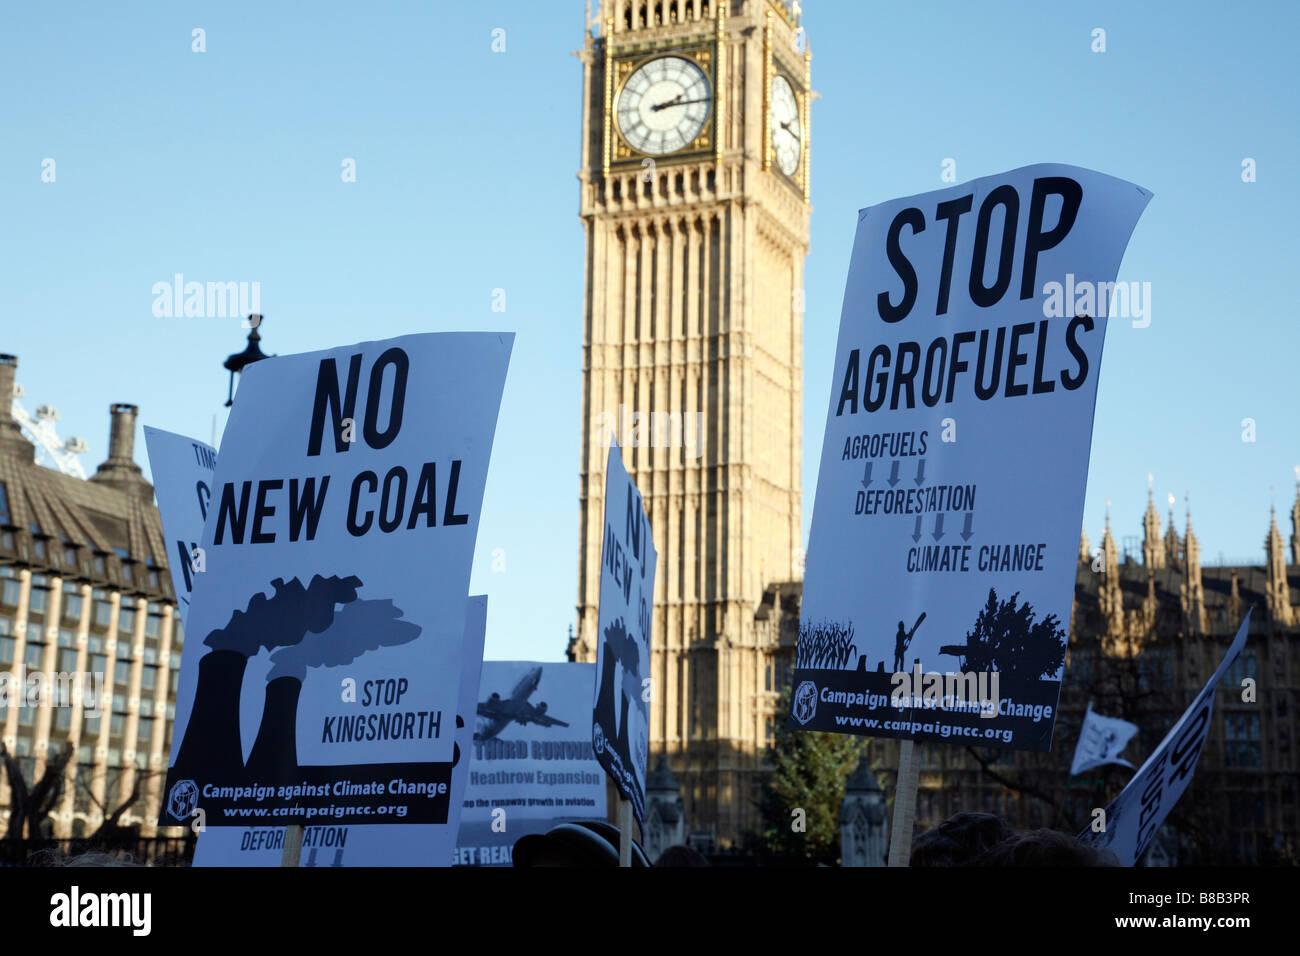 Campagne contre le changement climatique, le climat national mars à Londres le 6 décembre 2008. Photo Stock